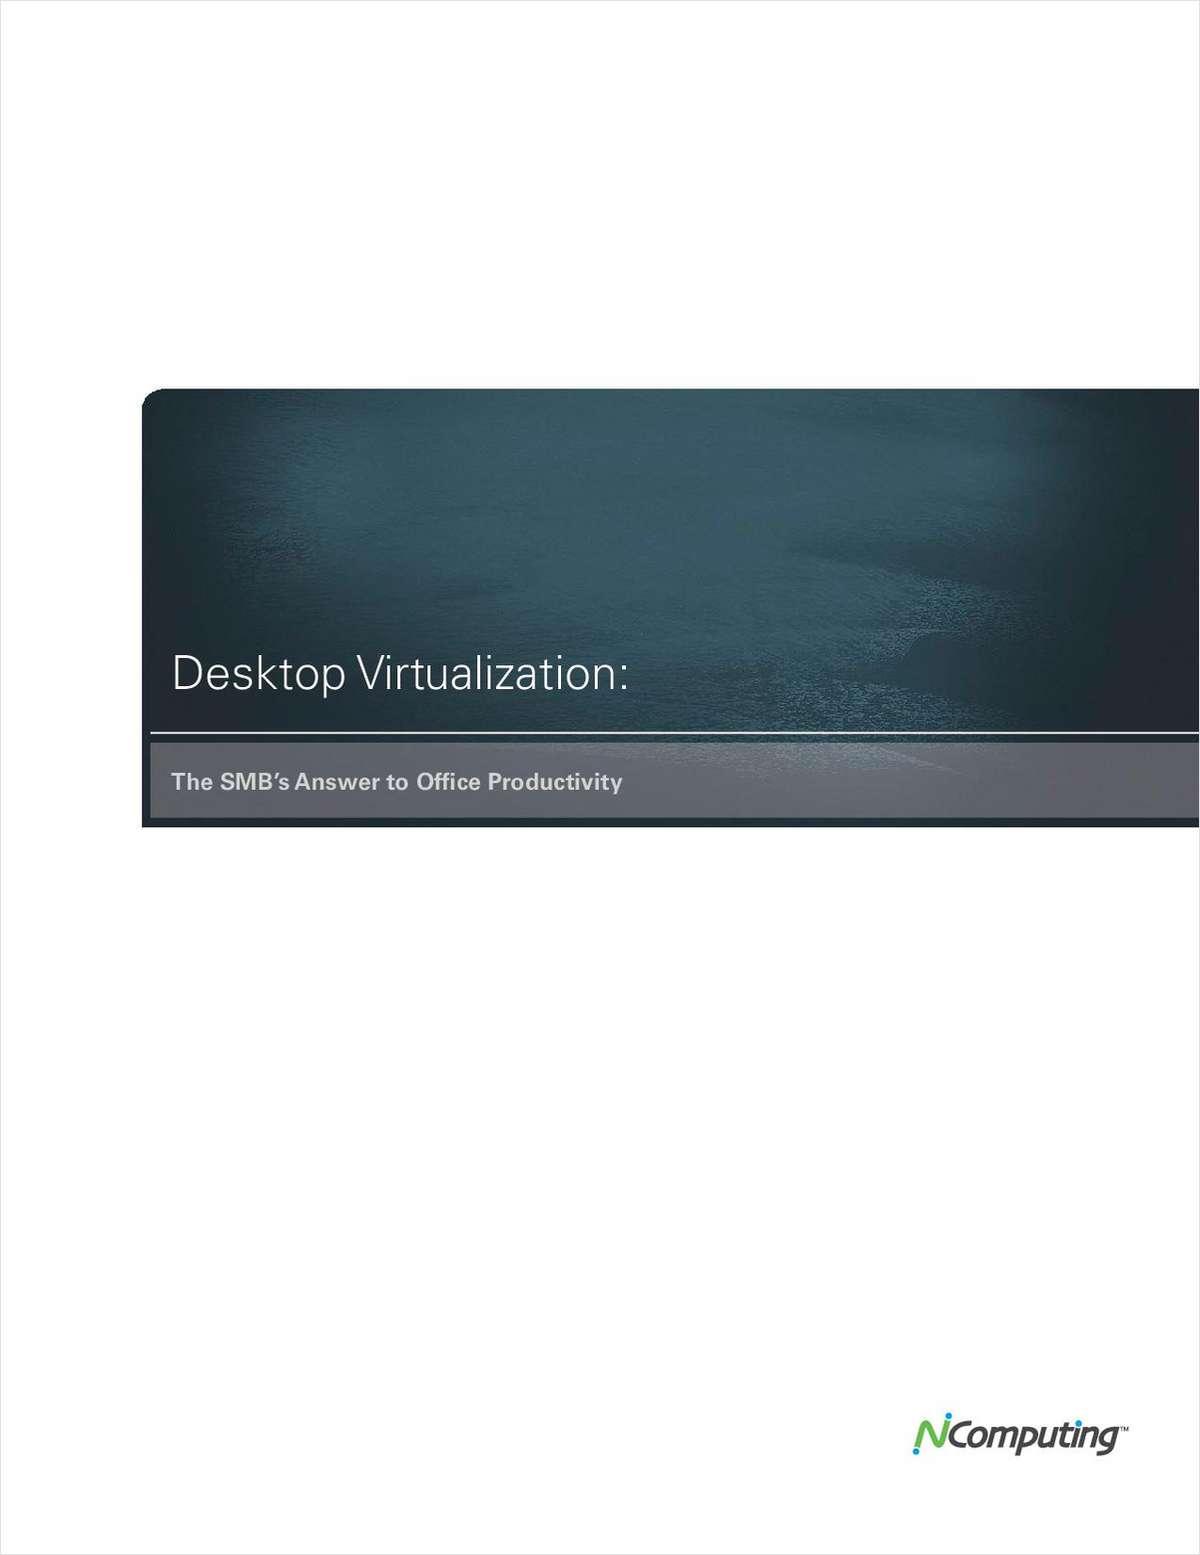 Desktop Virtualization: The SMB's Answer to Office Productivity